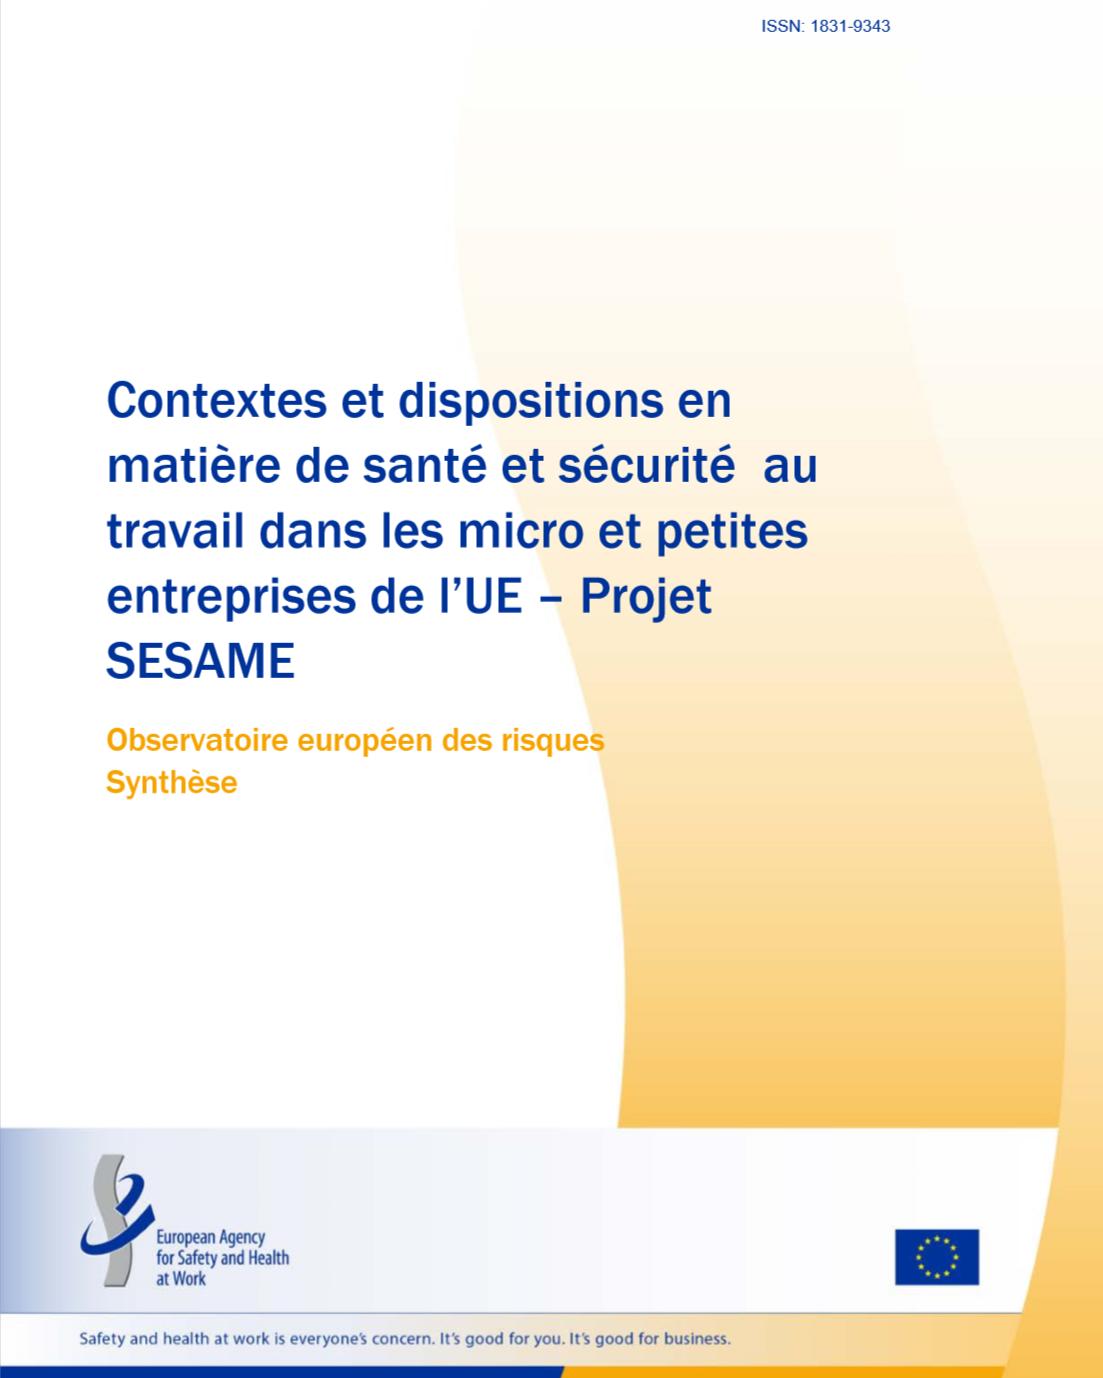 Micros et Petites entreprises (MPE) en Europe face à la S&ST